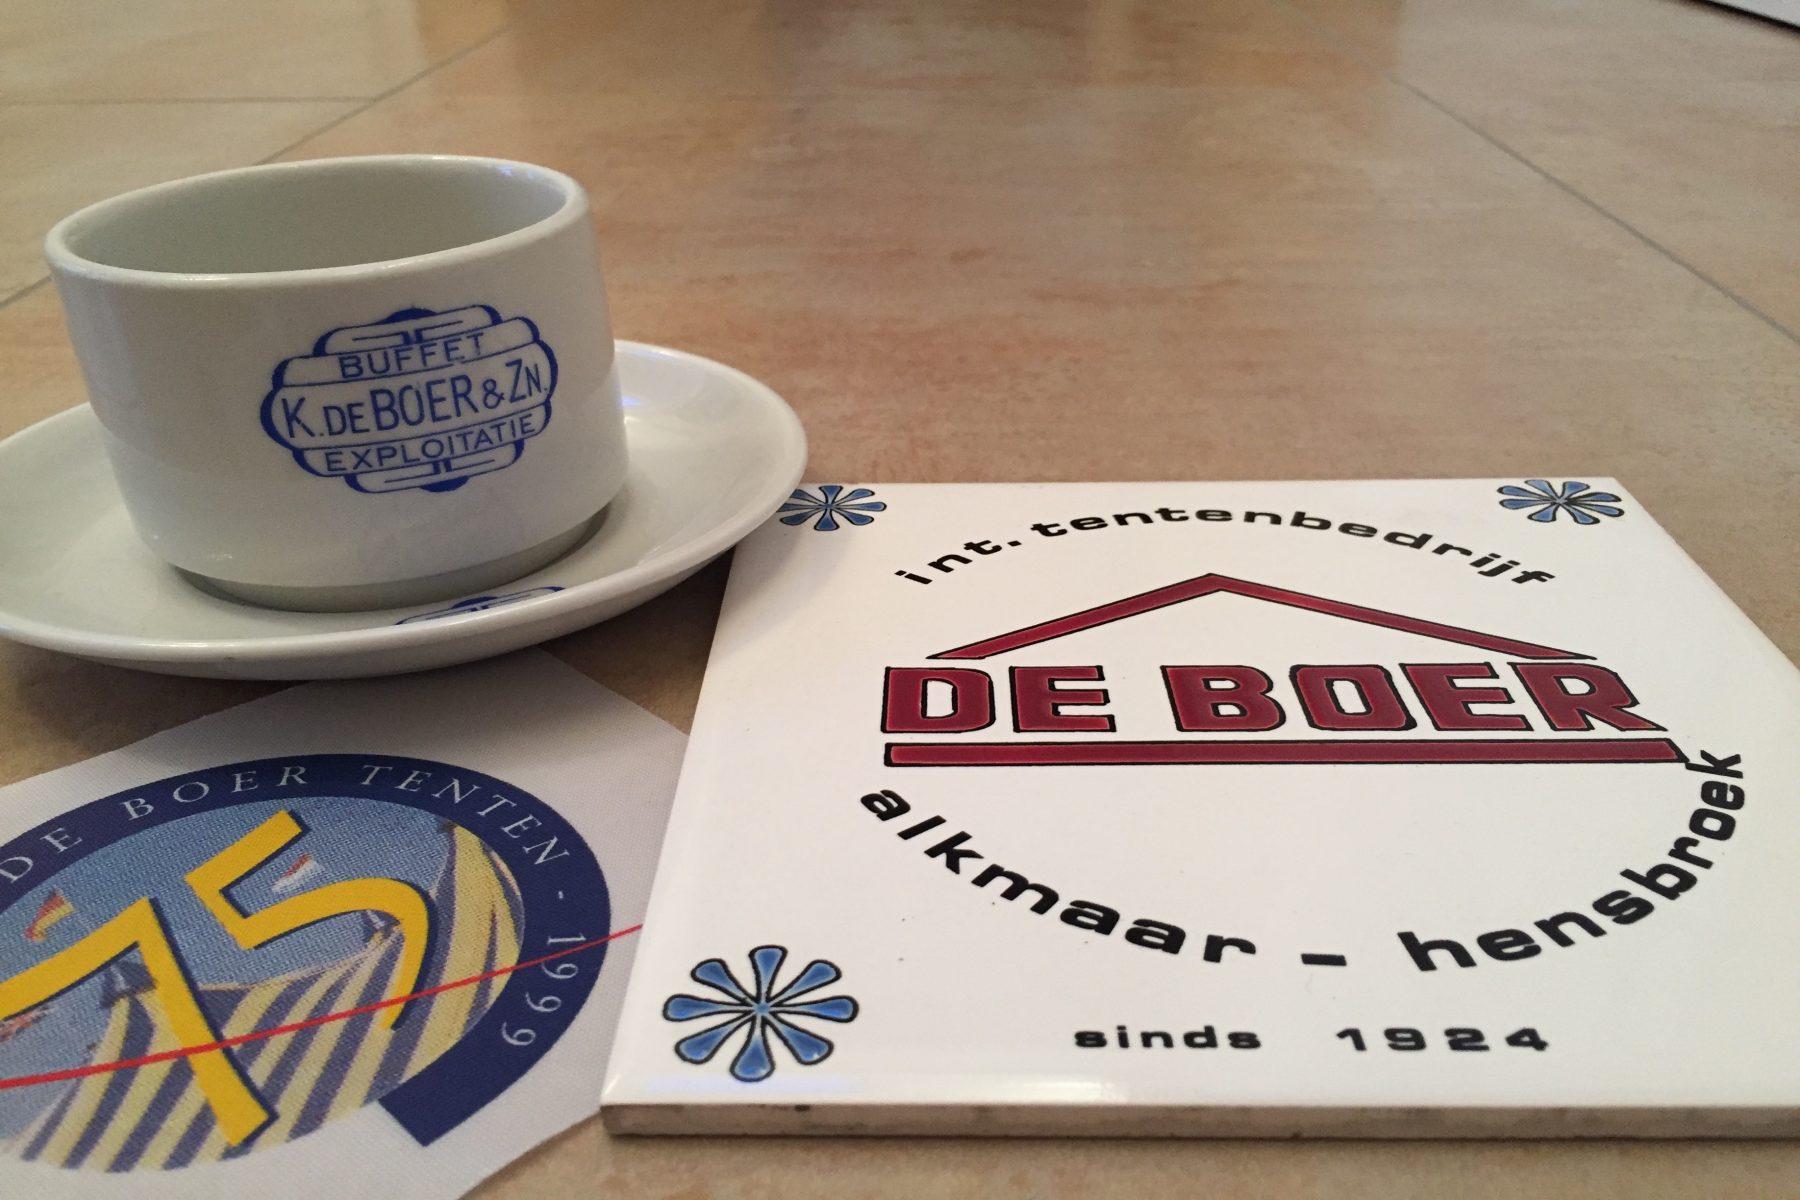 Bas de Boer - Eventstyling  | Event-Stylingkonzeptionen aus Familientradition - passend für jeden Veranstaltungs-Anlass, jede Eventart und Eventgröße (www.basdeboer-eventstyling.de)